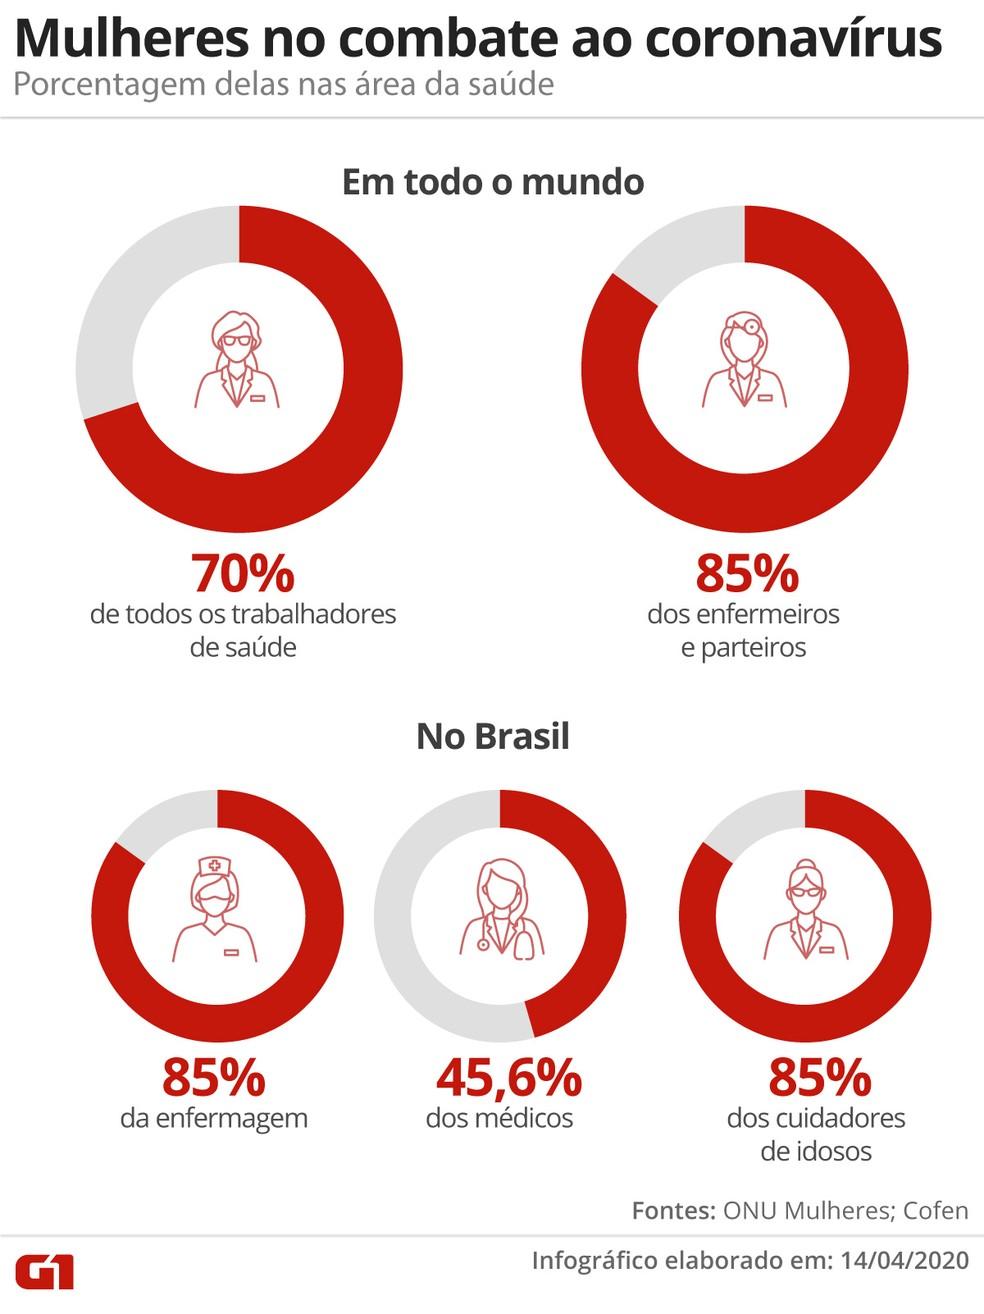 Mulheres são maiorias entre os profissionais de saúde em todo o mundo e no Brasil. — Foto: Arte/G1